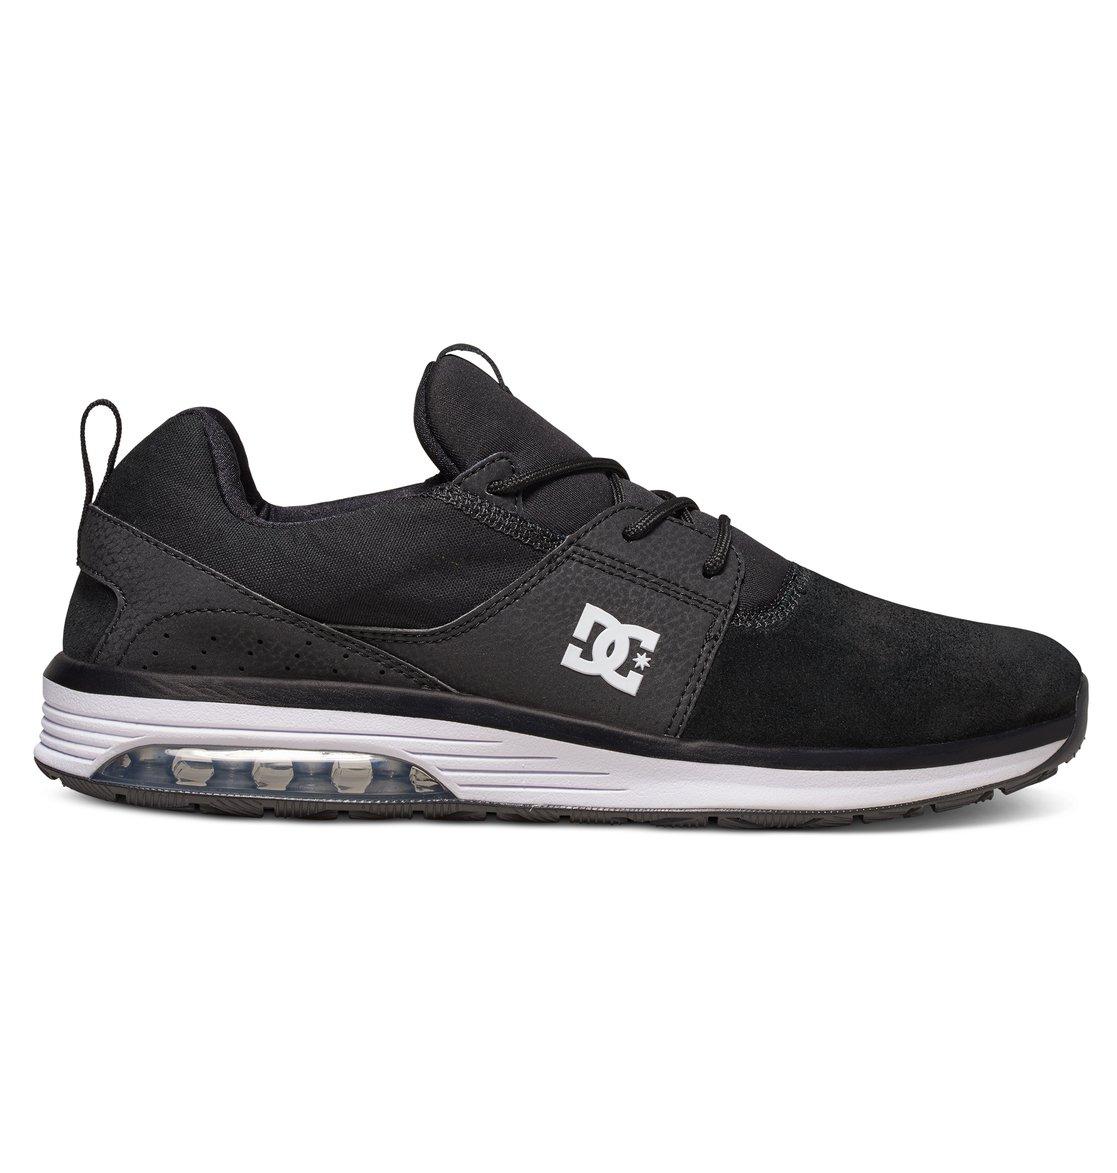 dc shoes Heathrow IA TX LE - Scarpe da Uomo - White - DC Shoes Sitios Web Para La Venta Envío Libre De Descuento Fechas De Lanzamiento En Línea Sneakernews Libres Del Envío v9aMJGgA